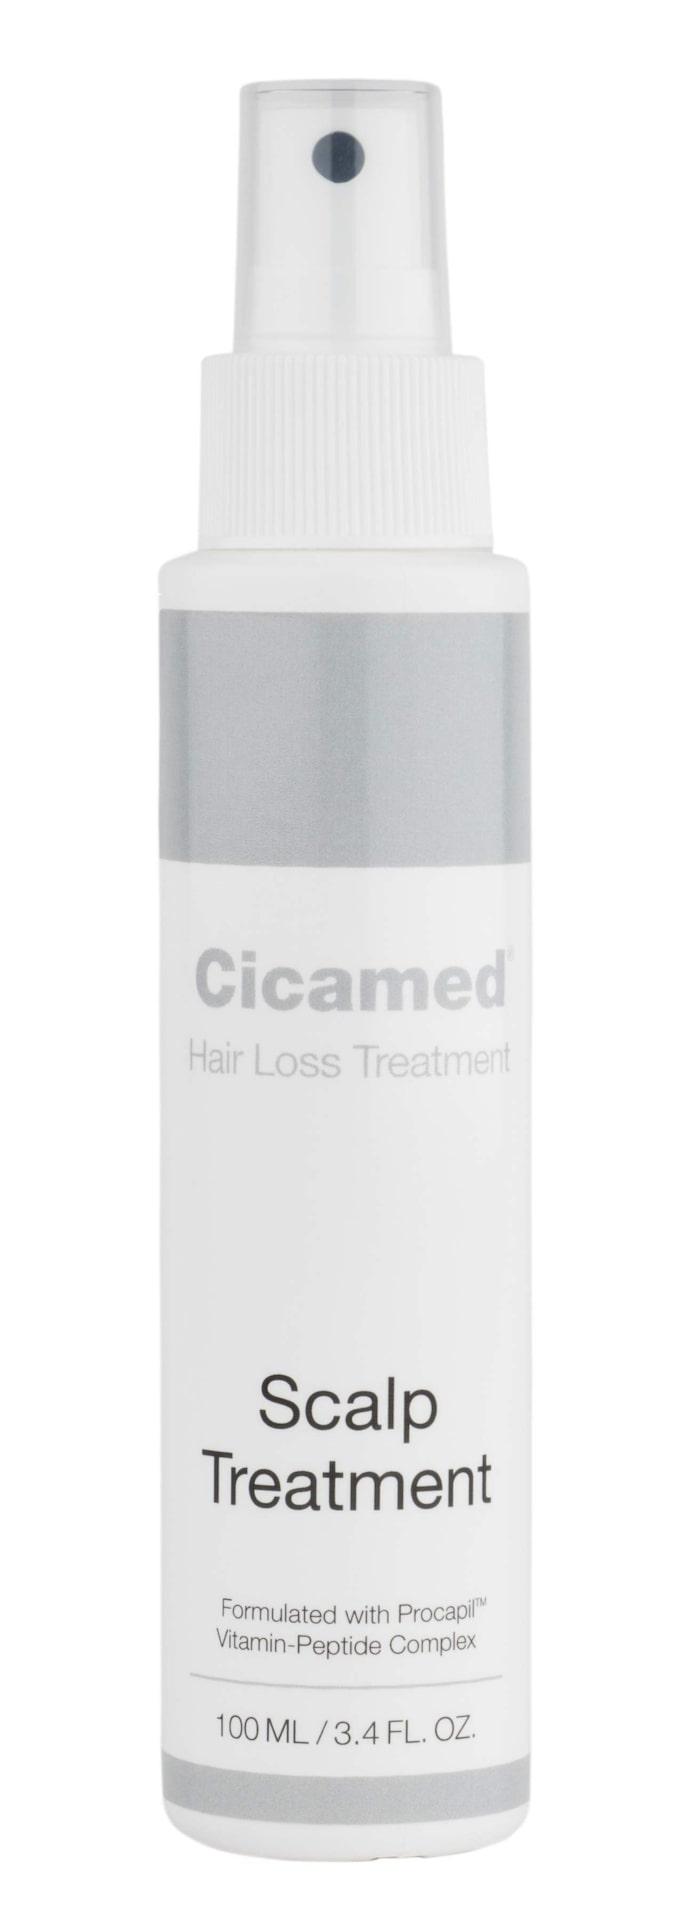 Scalp treatment från Cicamed. Hjälper din hårbotten att aktivera blodcirkulationen om du tappat hår, 425 kronor.